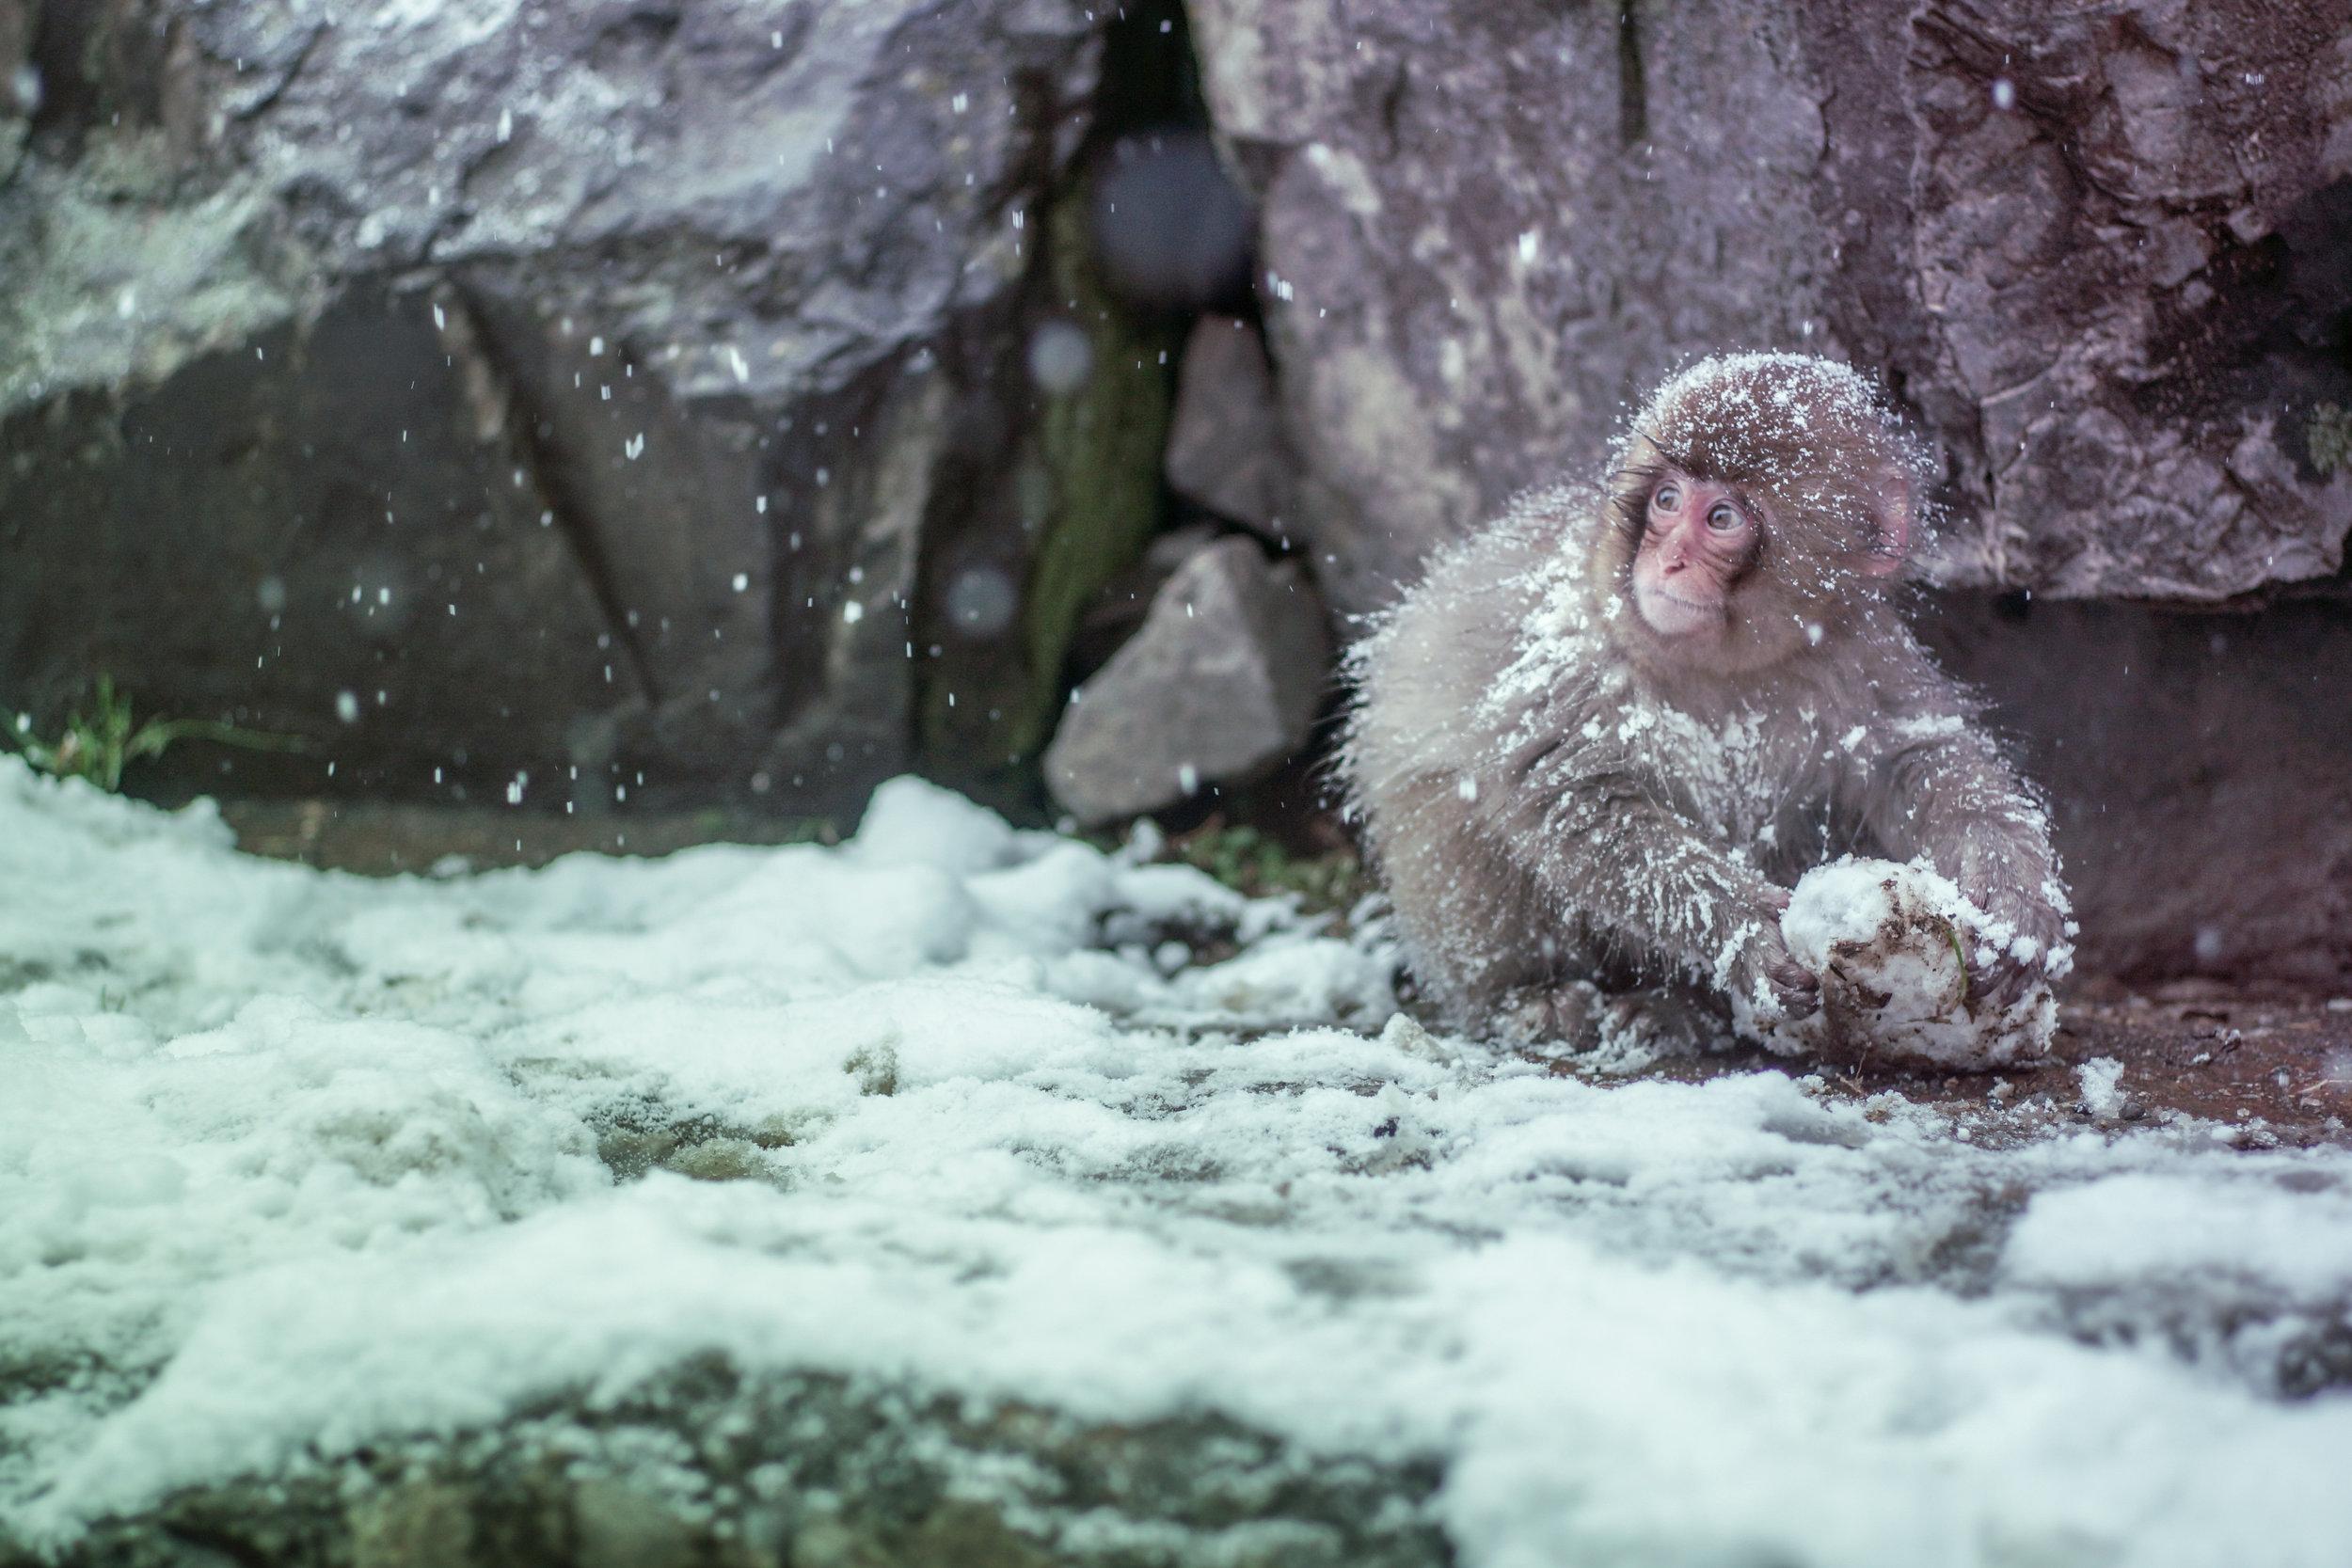 Monkey in Japan